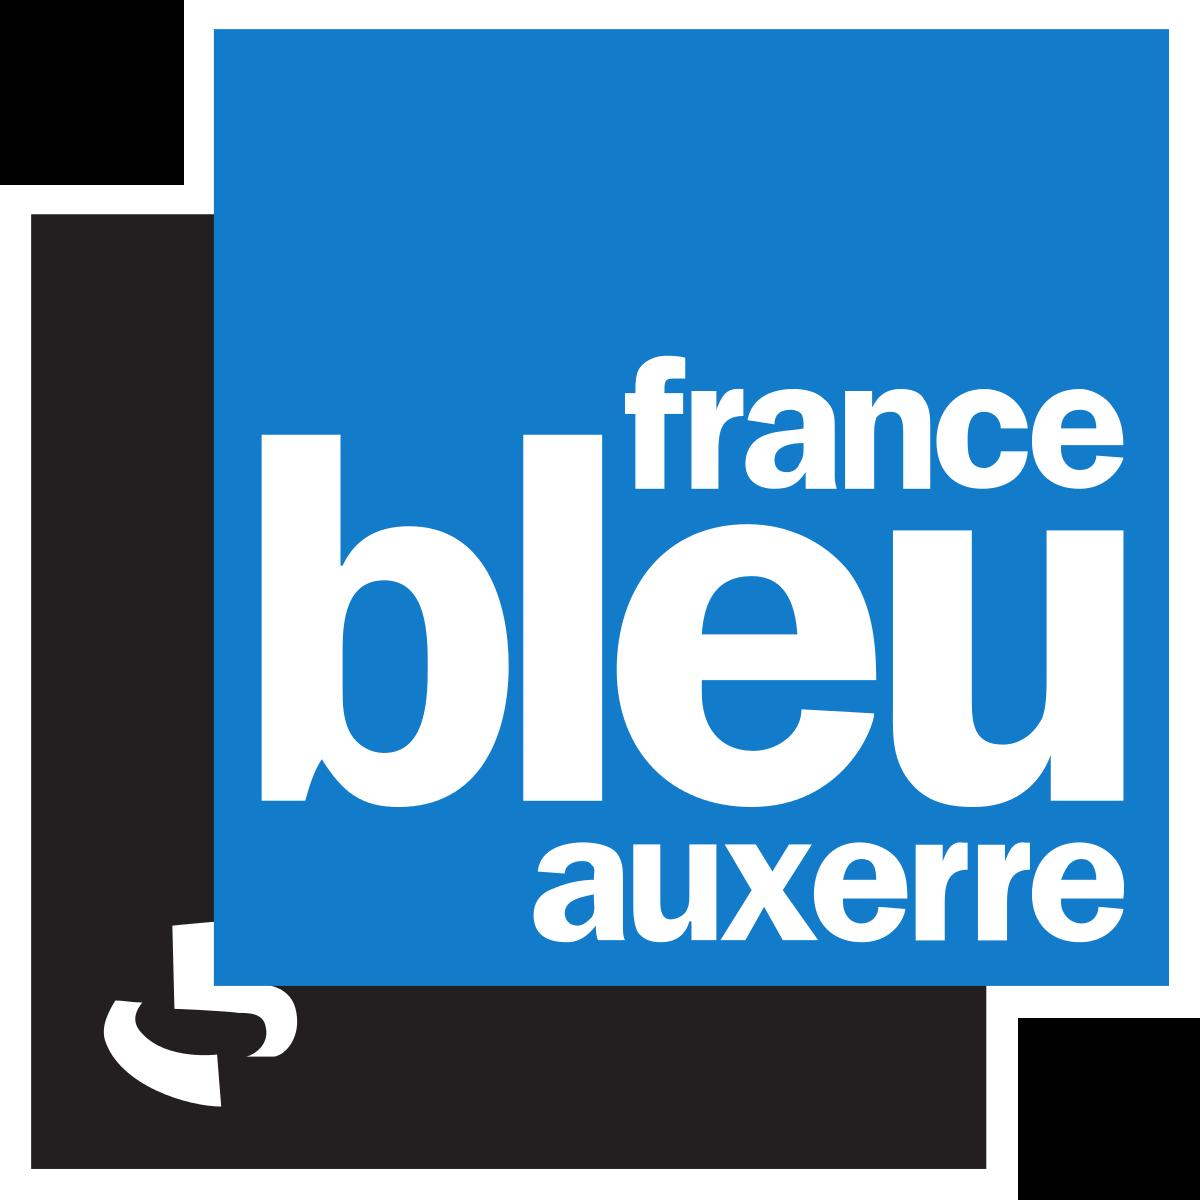 France Bleue Auxerre